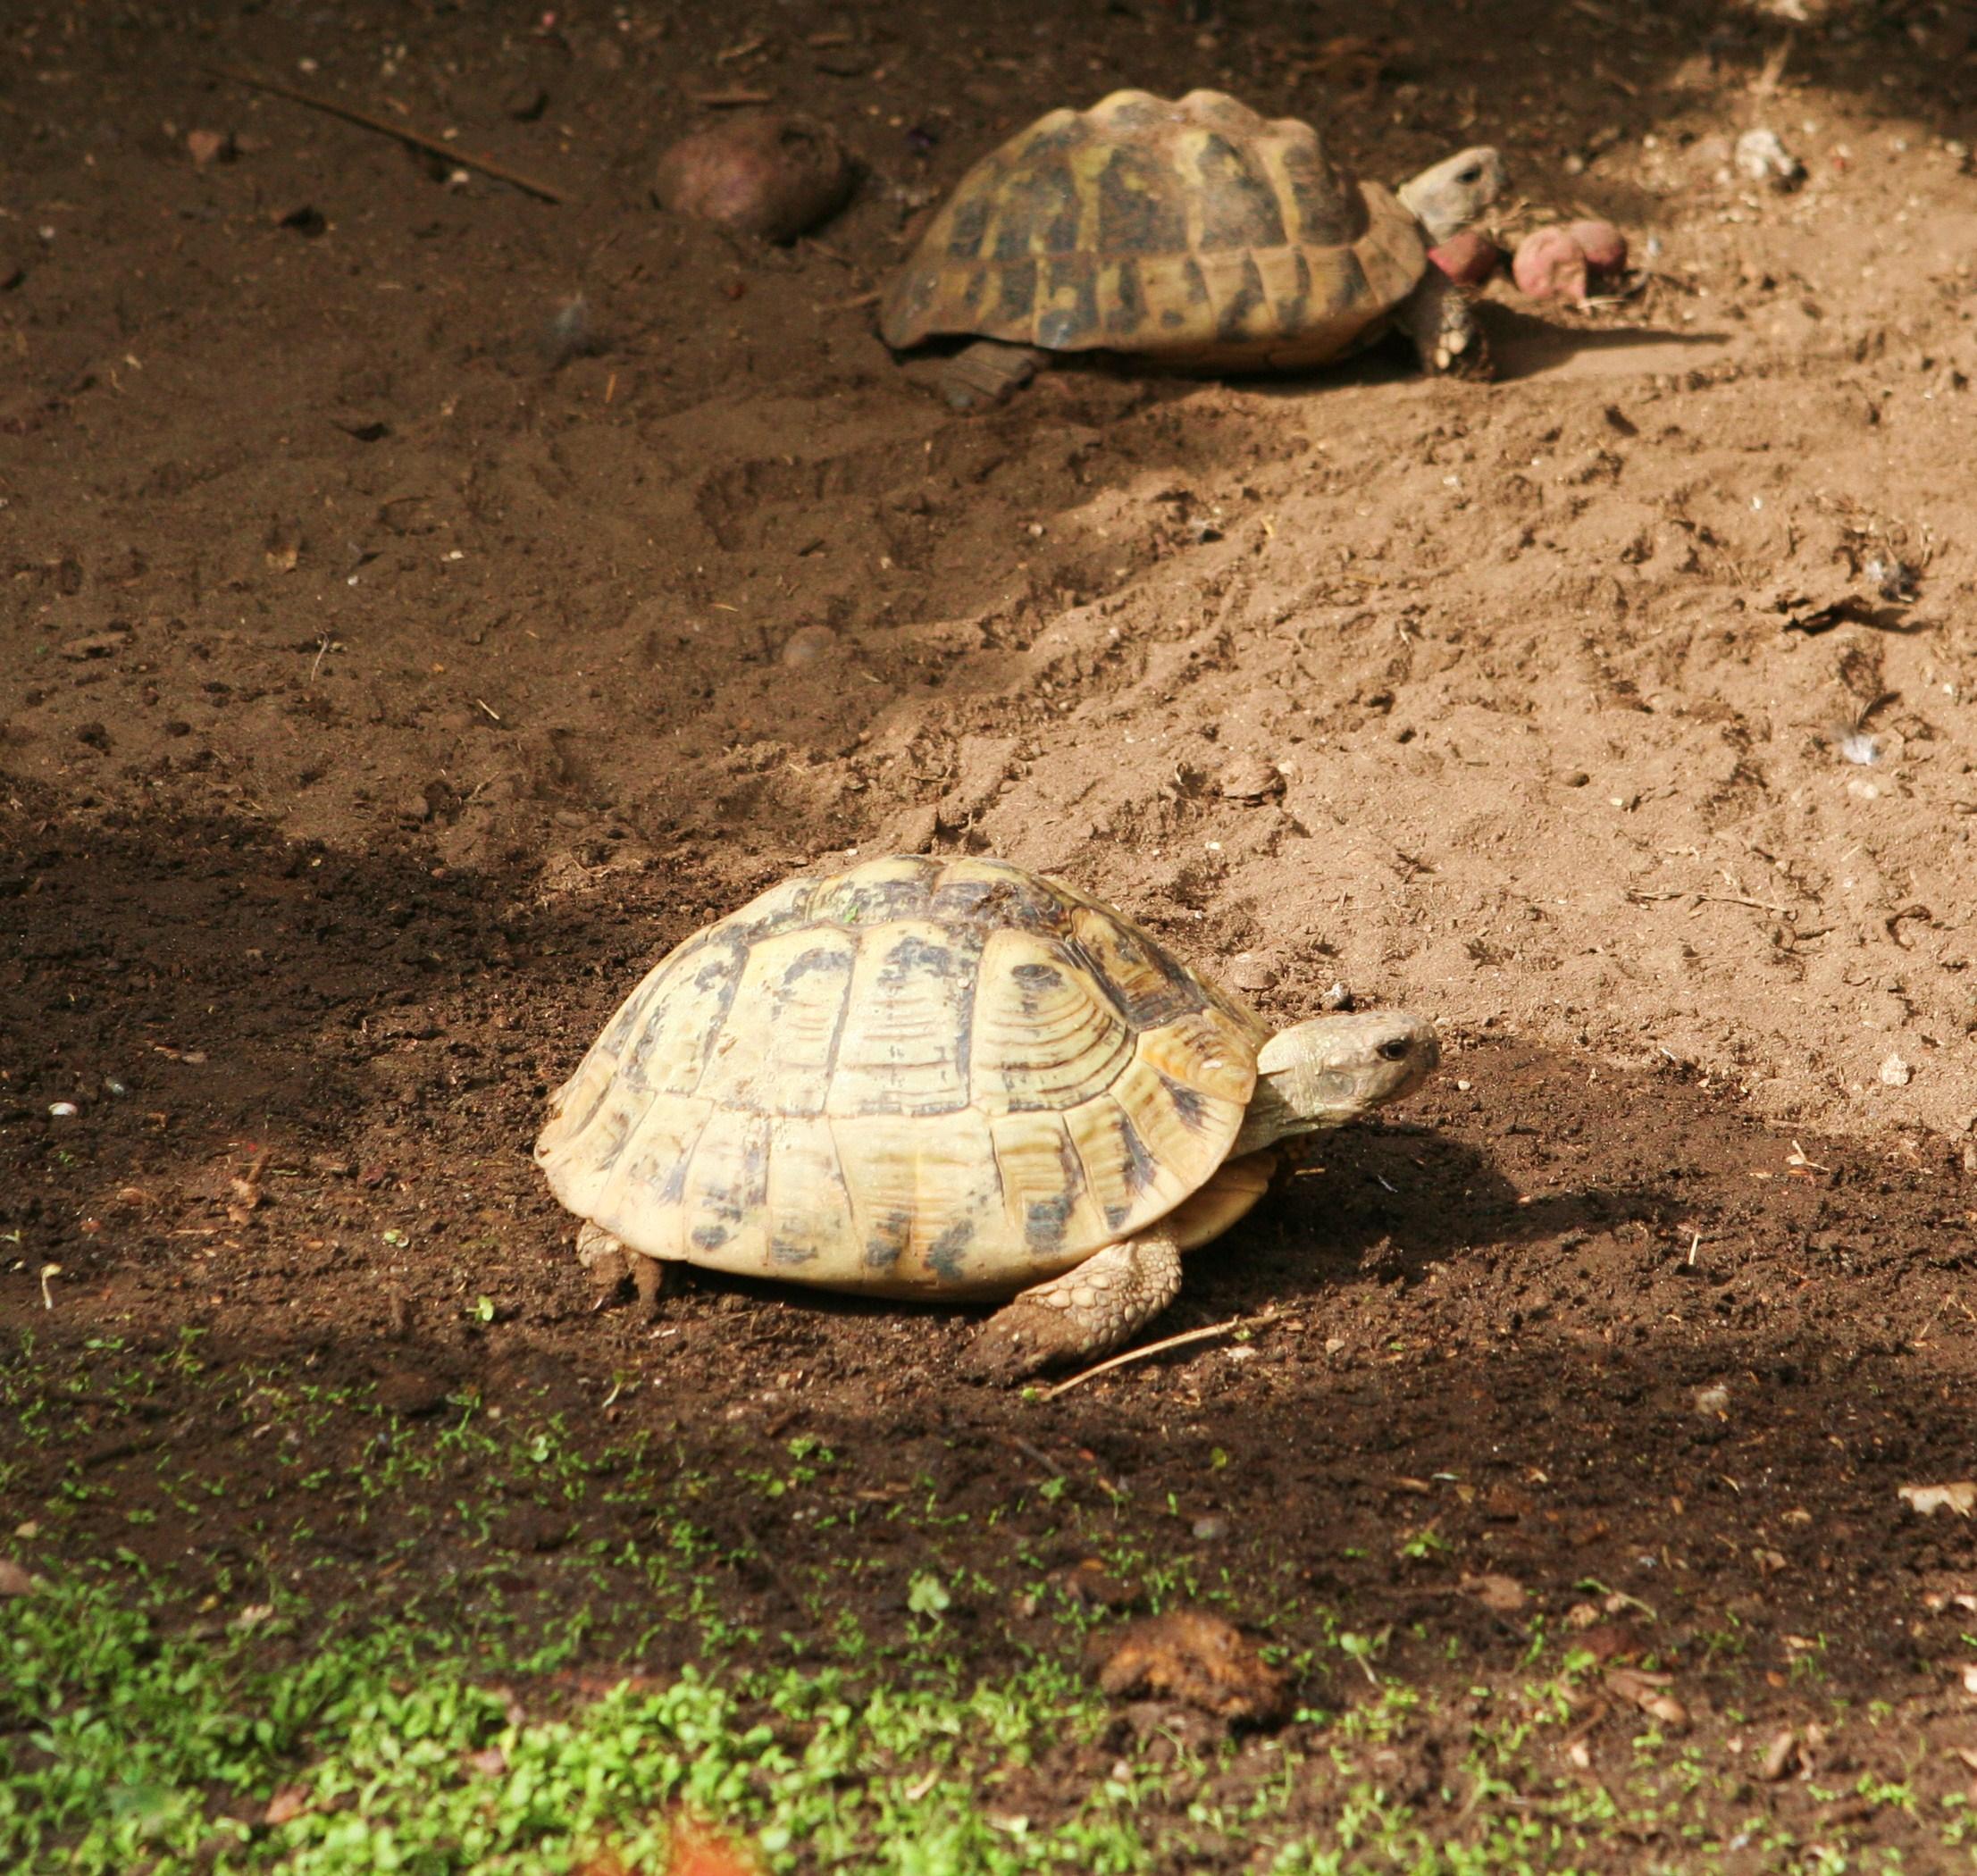 A görög teknősök szállítása bűncselekménynek számít, börtönbüntetést is lehet kapni érte. Számos csempész 'áruja' végzi állatotthonokban.